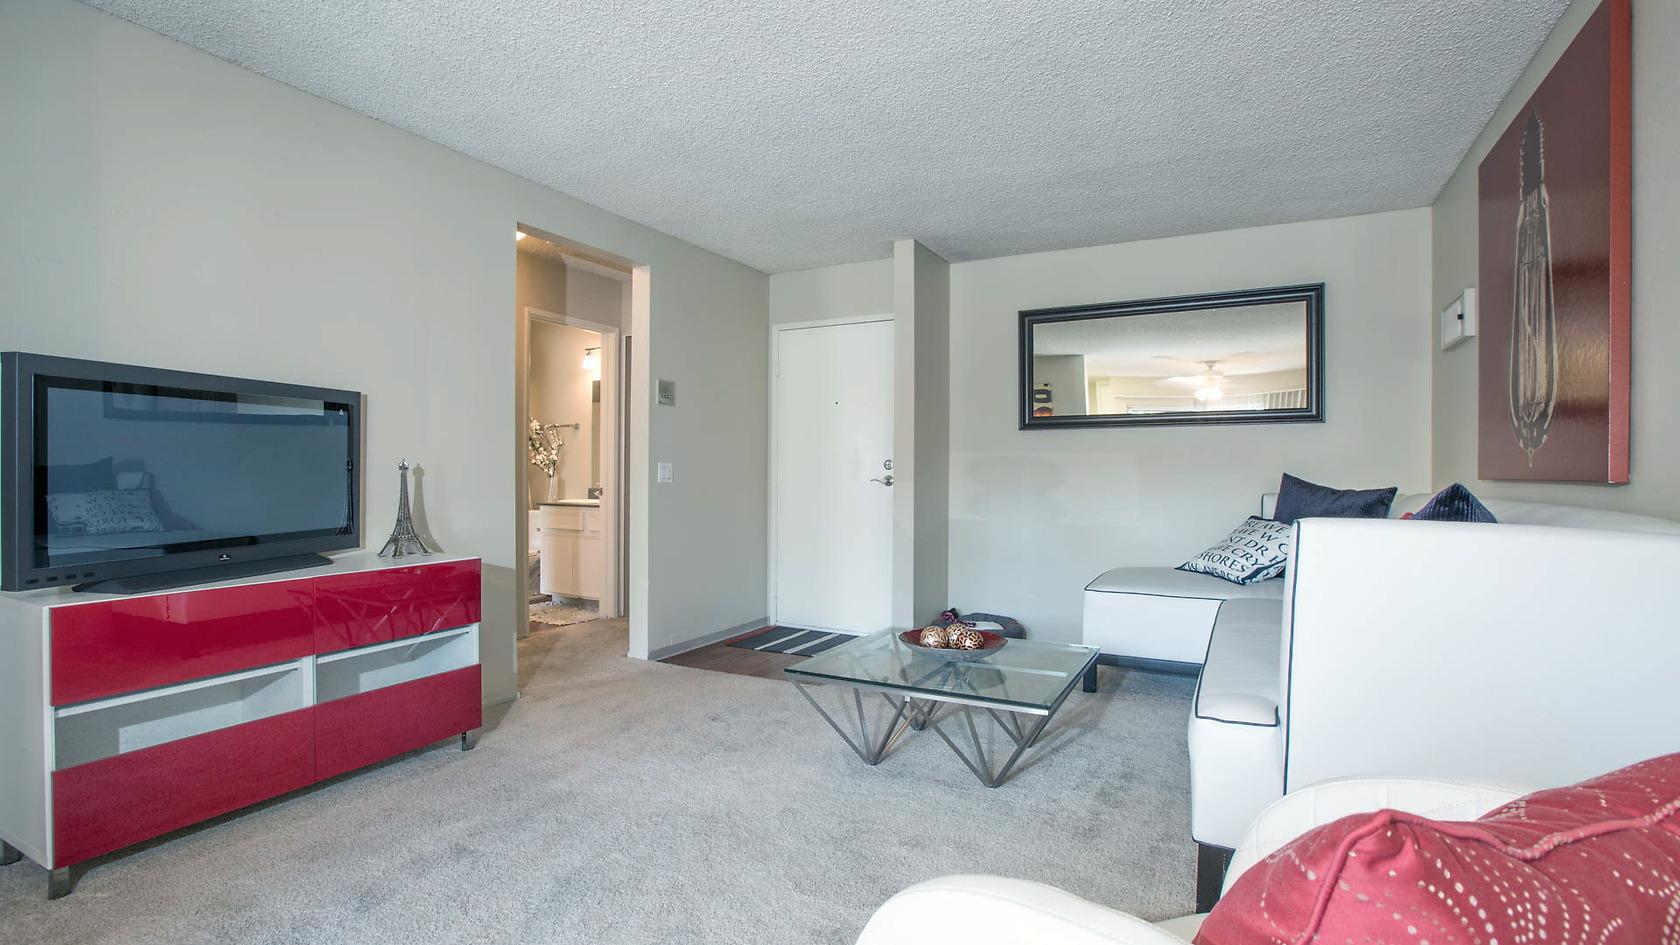 San Diego Nurse Furnished Housing